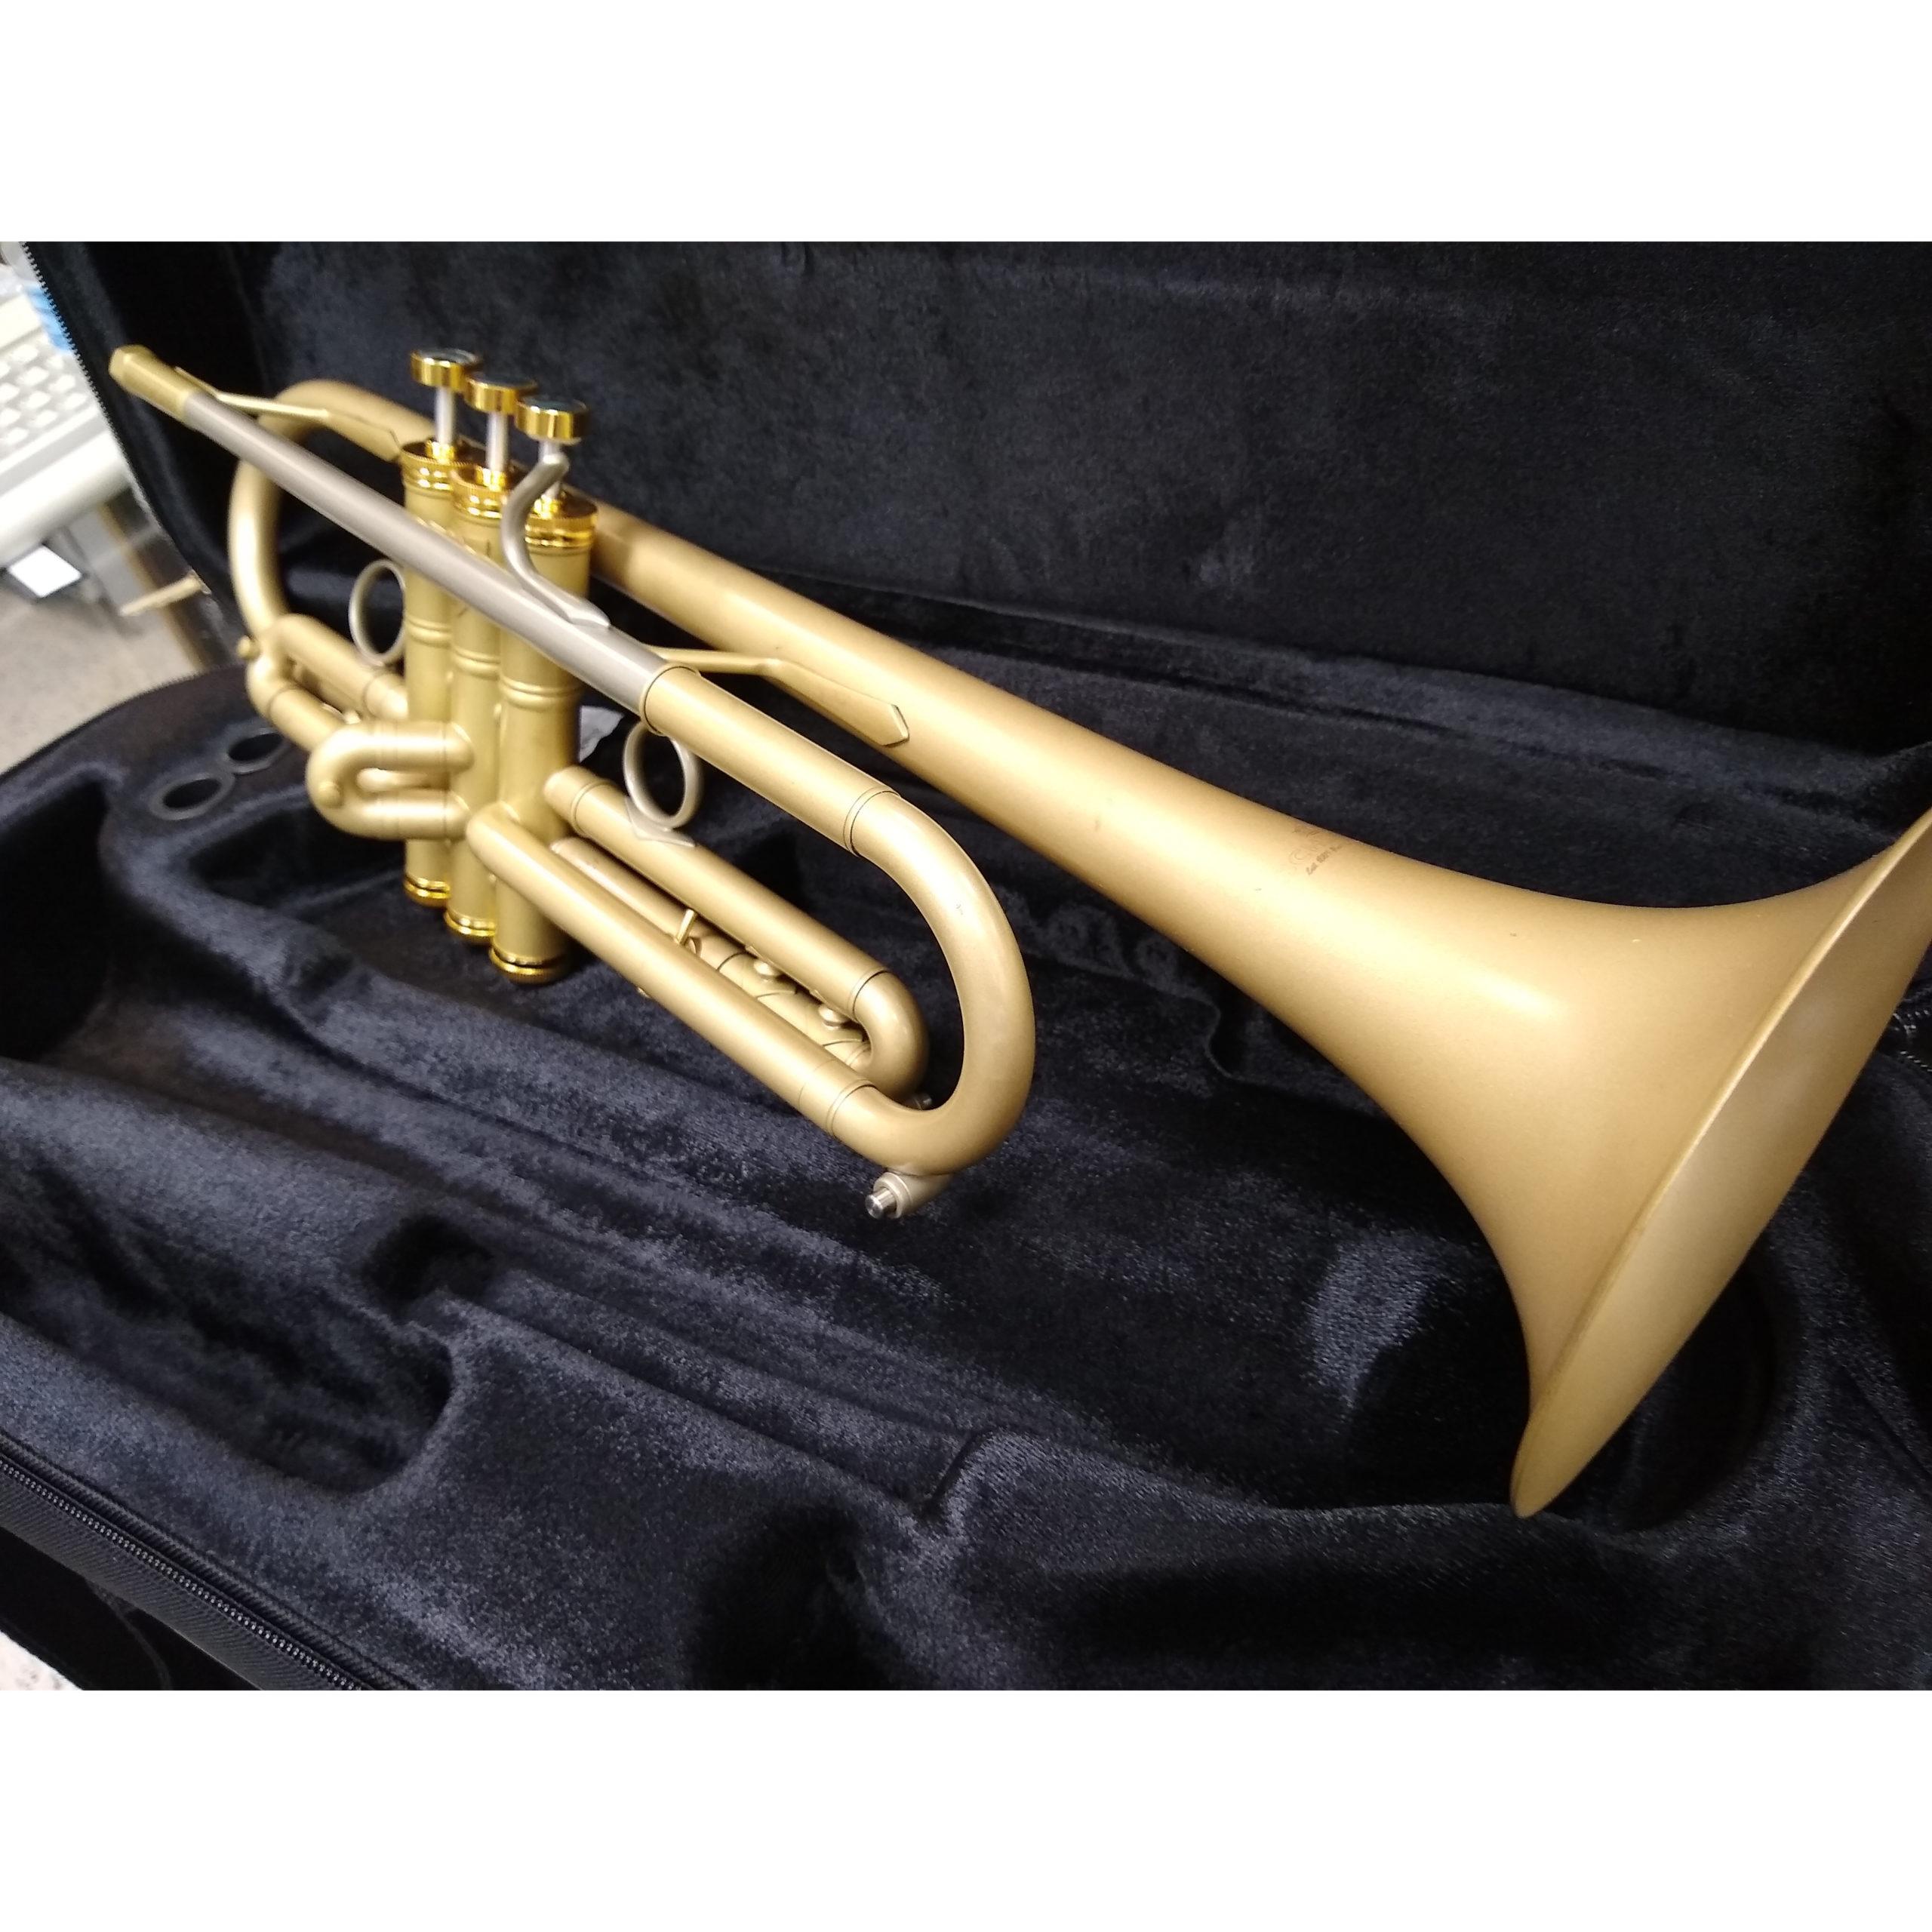 Schiller Centertone Vintage Trumpet